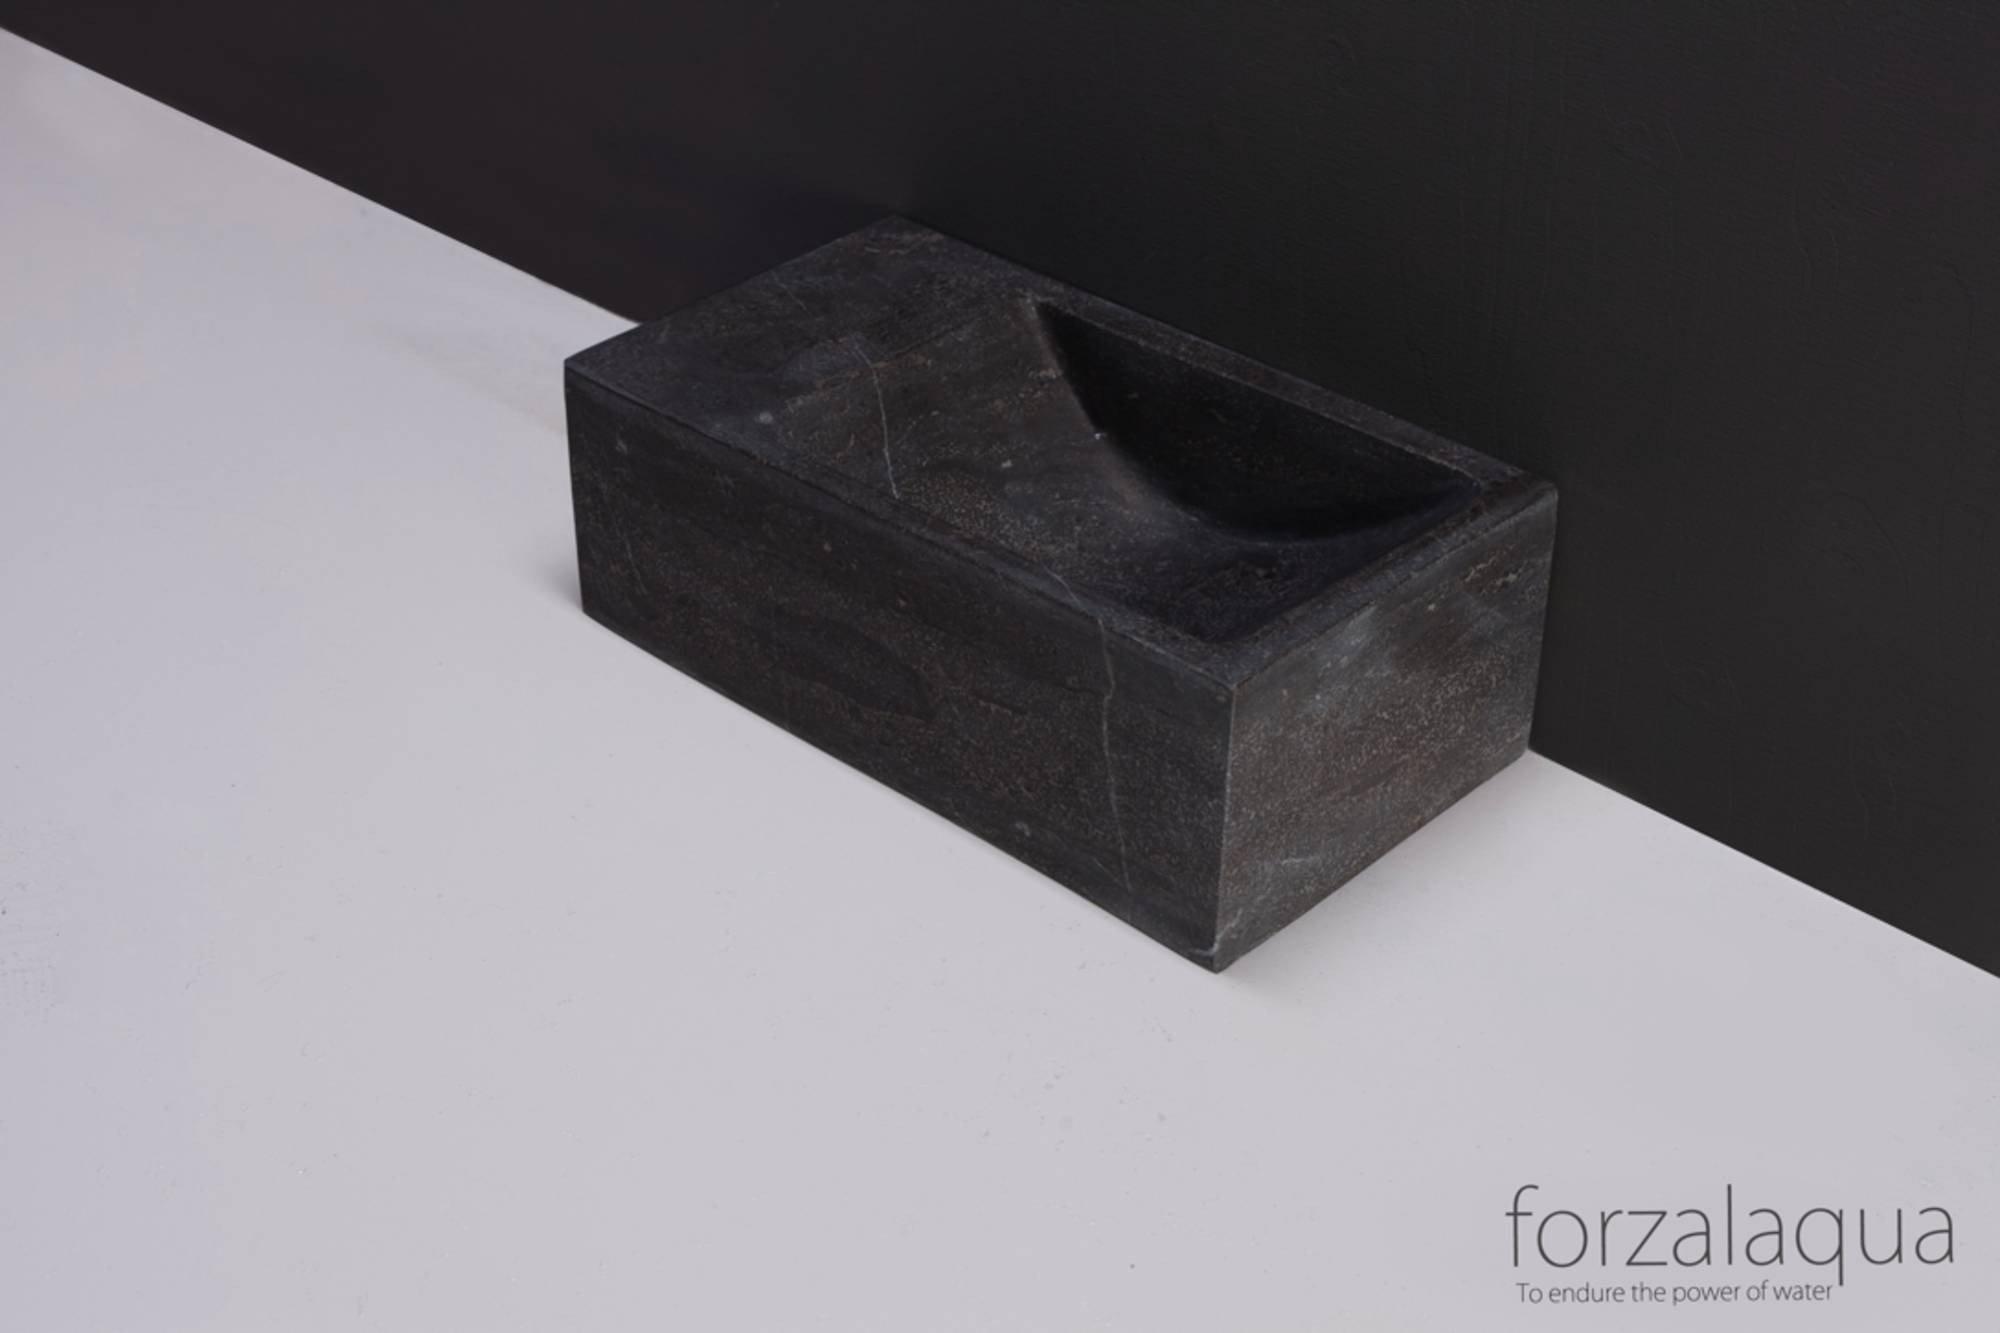 Forzalaqua Venetia XS fontein 29x16cm links Hardsteen gezoet